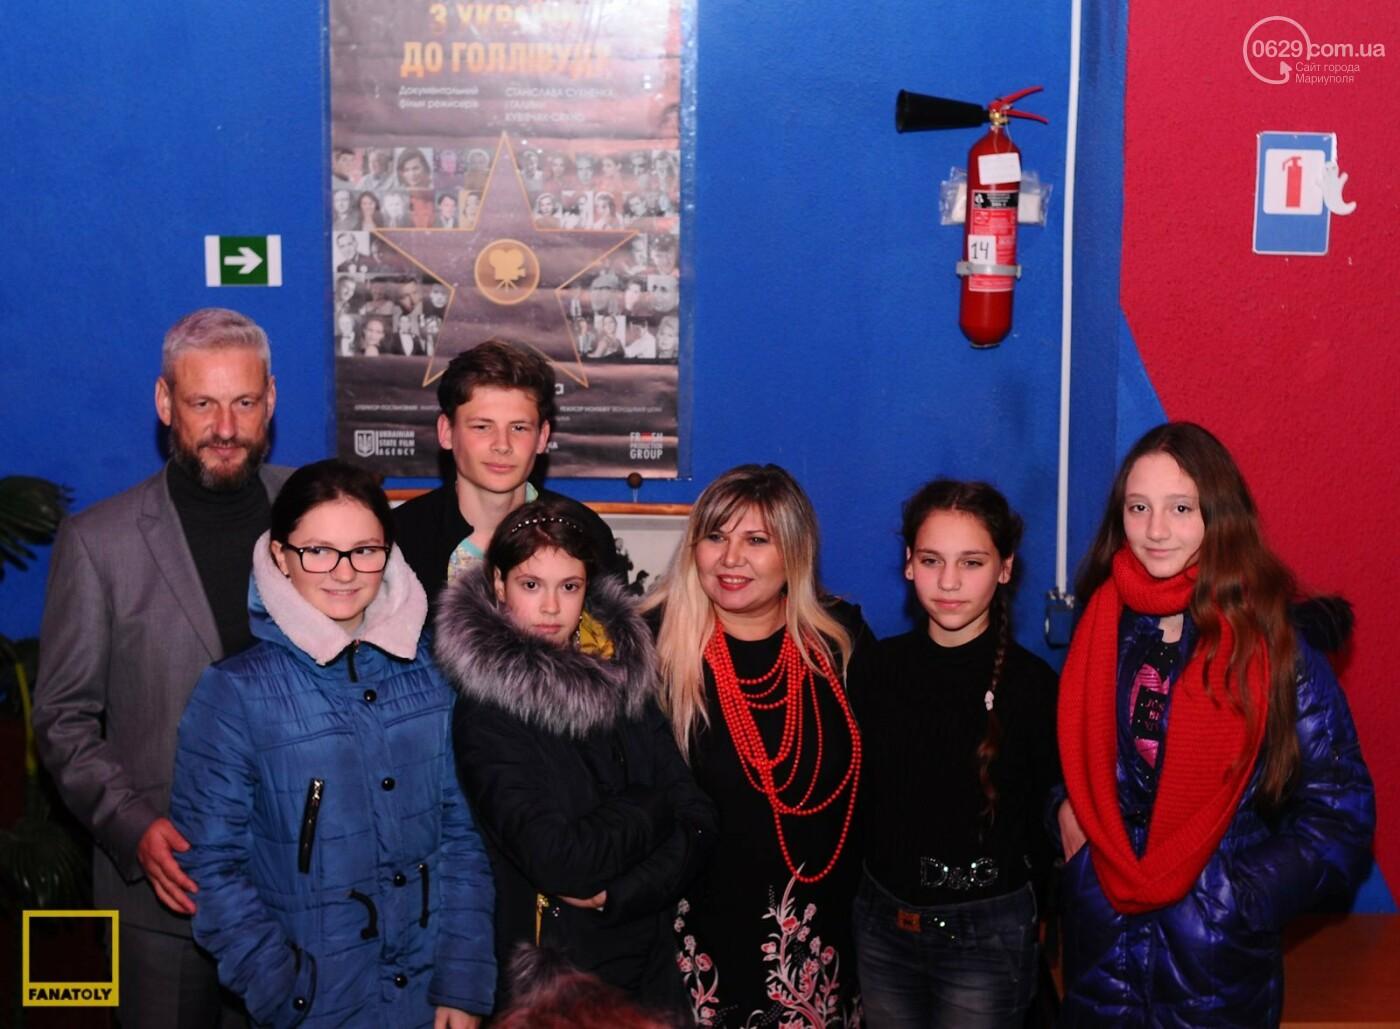 В Мариуполе можно увидеть фильм об украинцах, которые покорили Голливуд, - ФОТО, фото-5